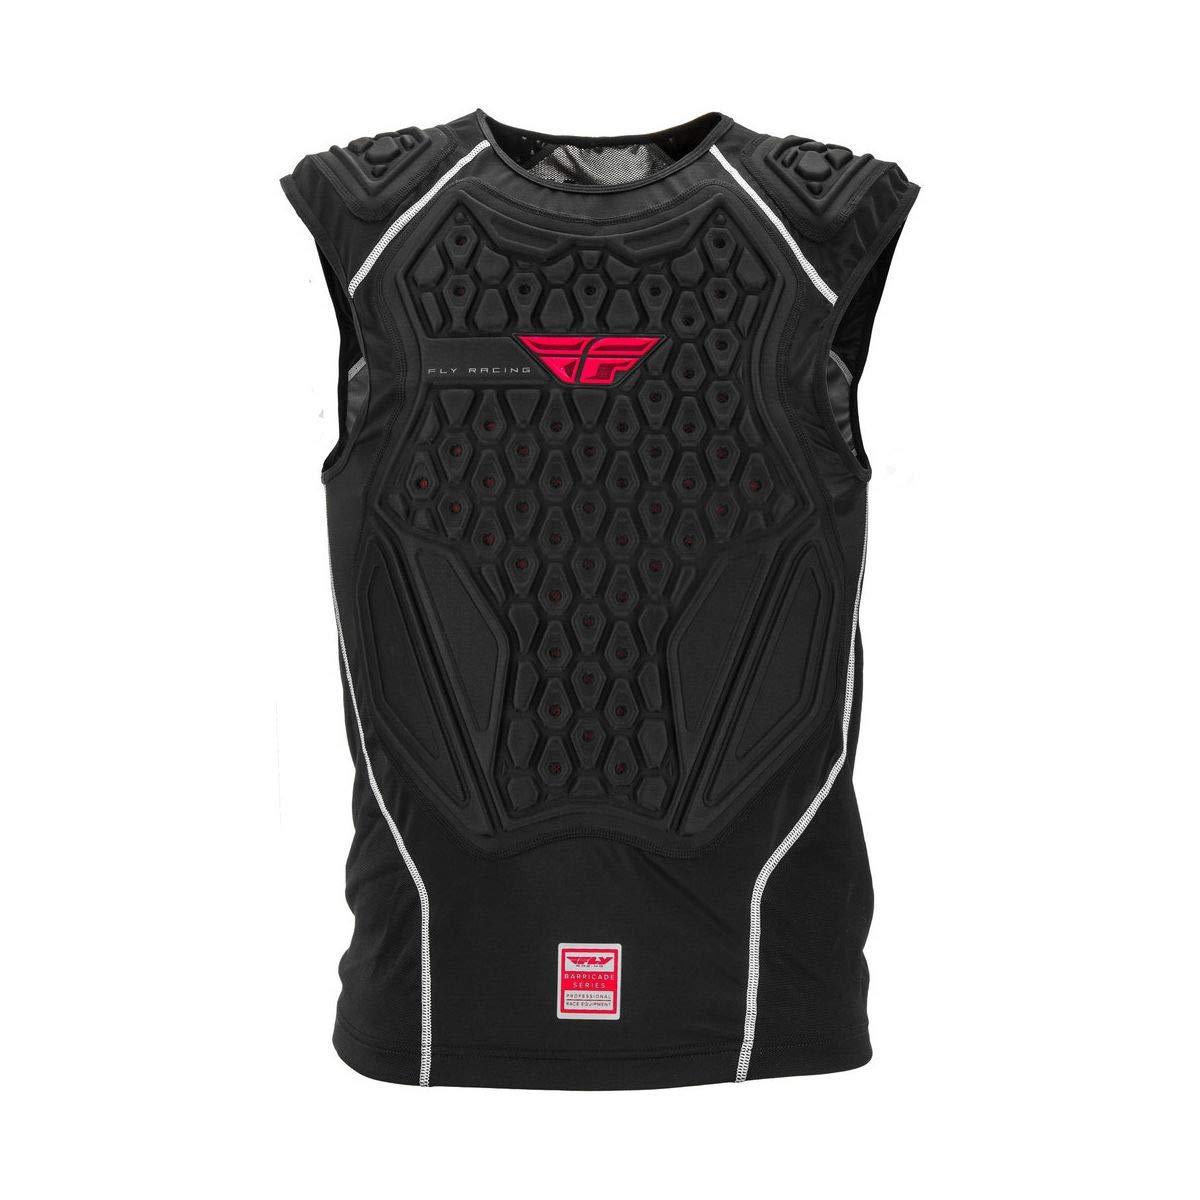 Small//Medium Fly Racing 2019 Barricade Pullover Vest